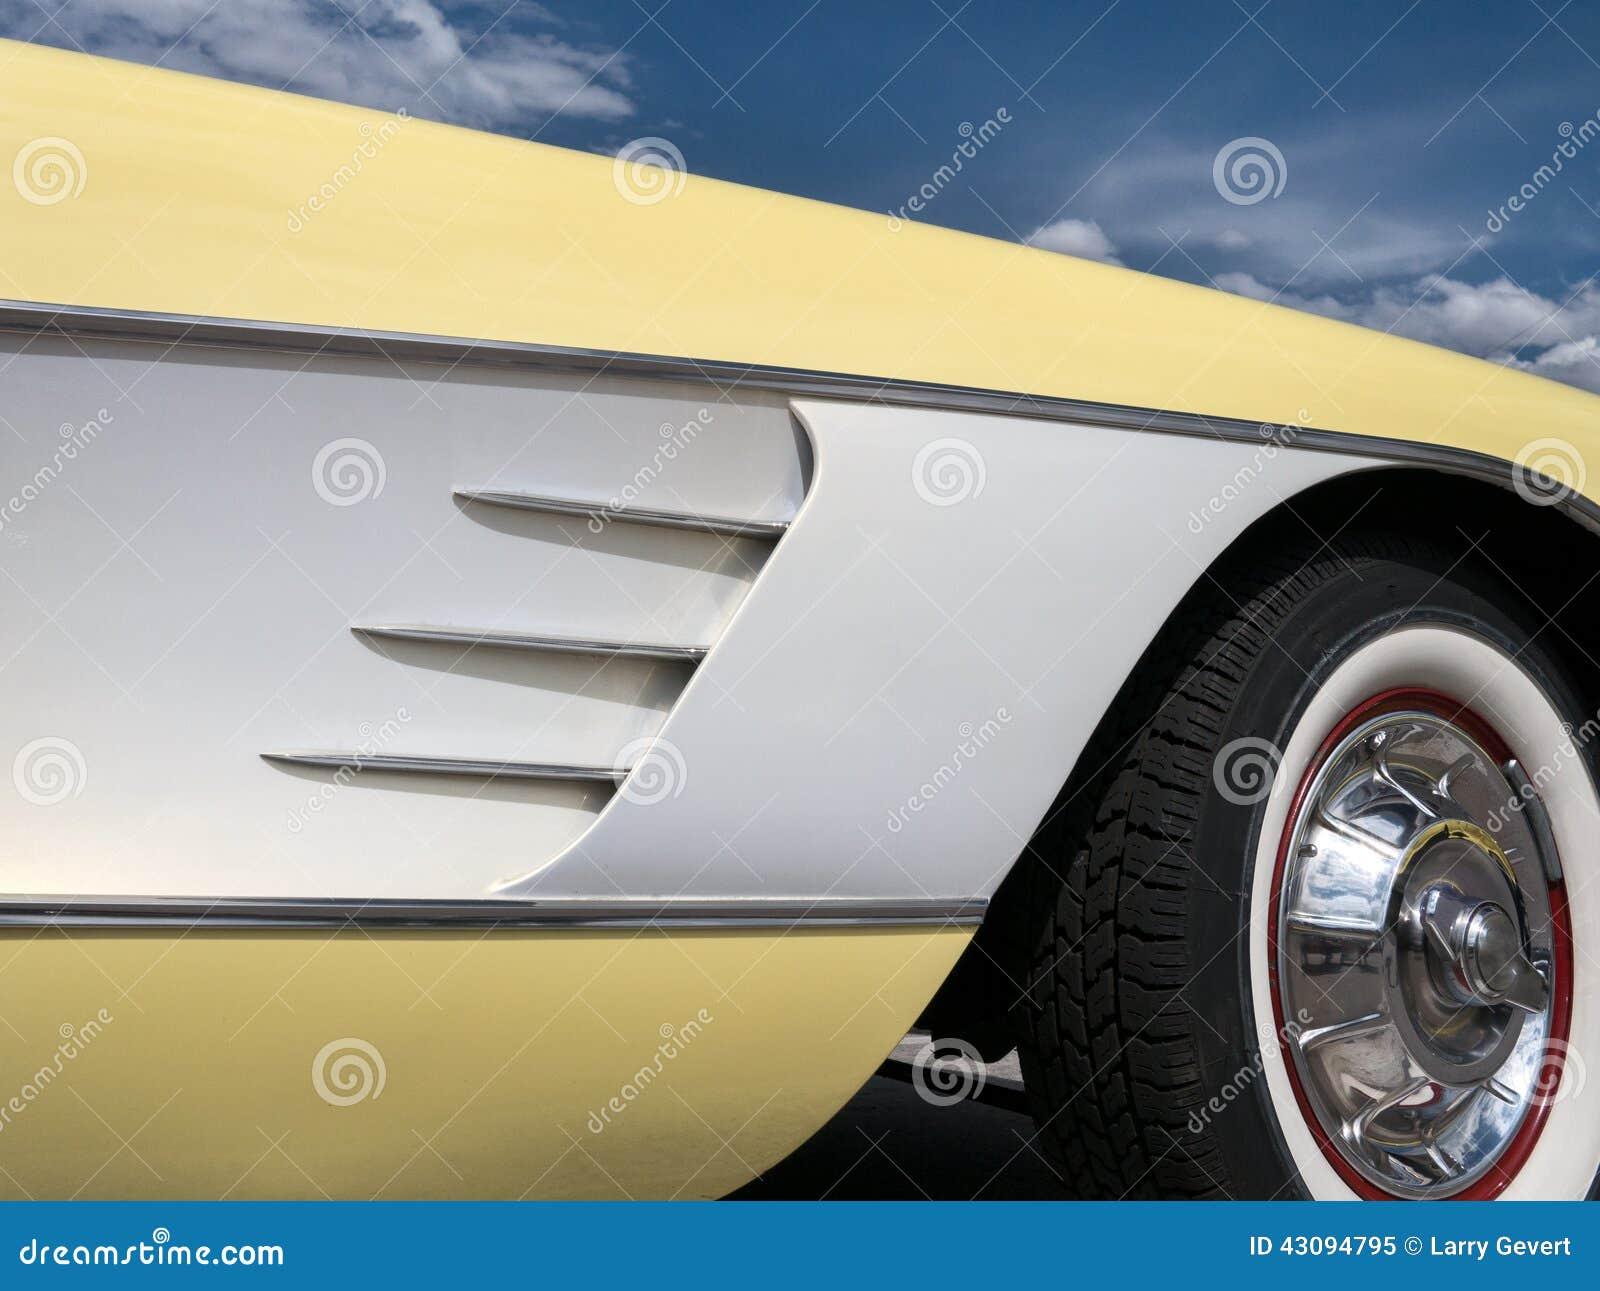 Corvette details